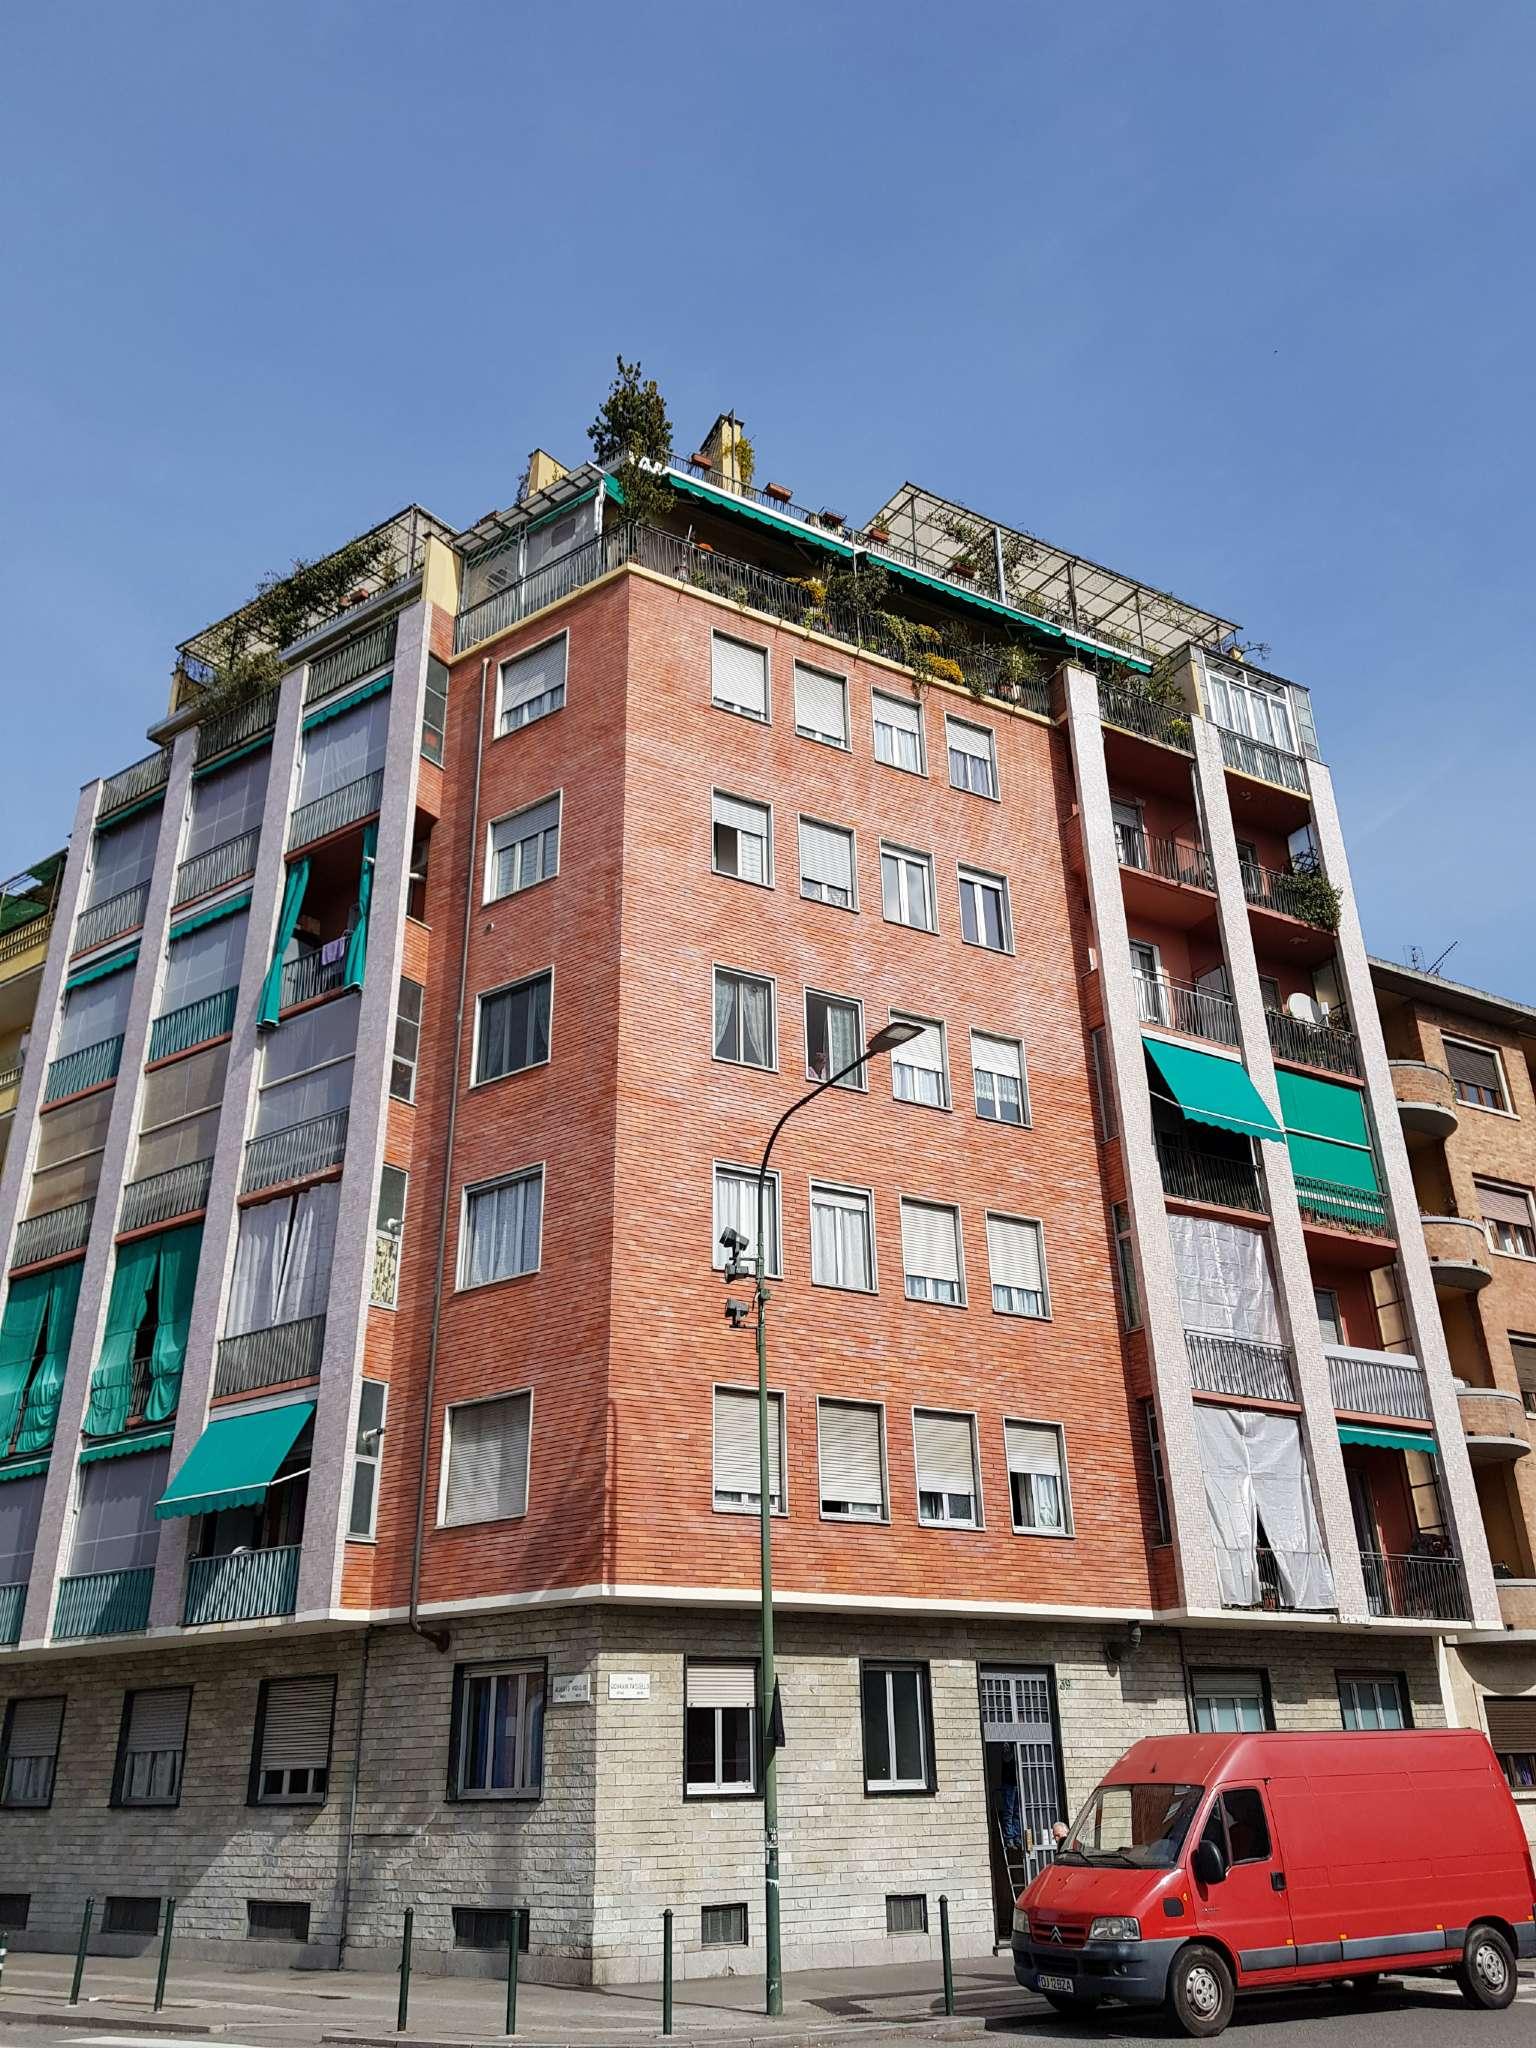 Vendita - Appartamento - Torino - PRESSI PIAZZA RESPIGHI, VIA PAISIELLO OTTIMO TRILOCALE CON BOX ? 79.000